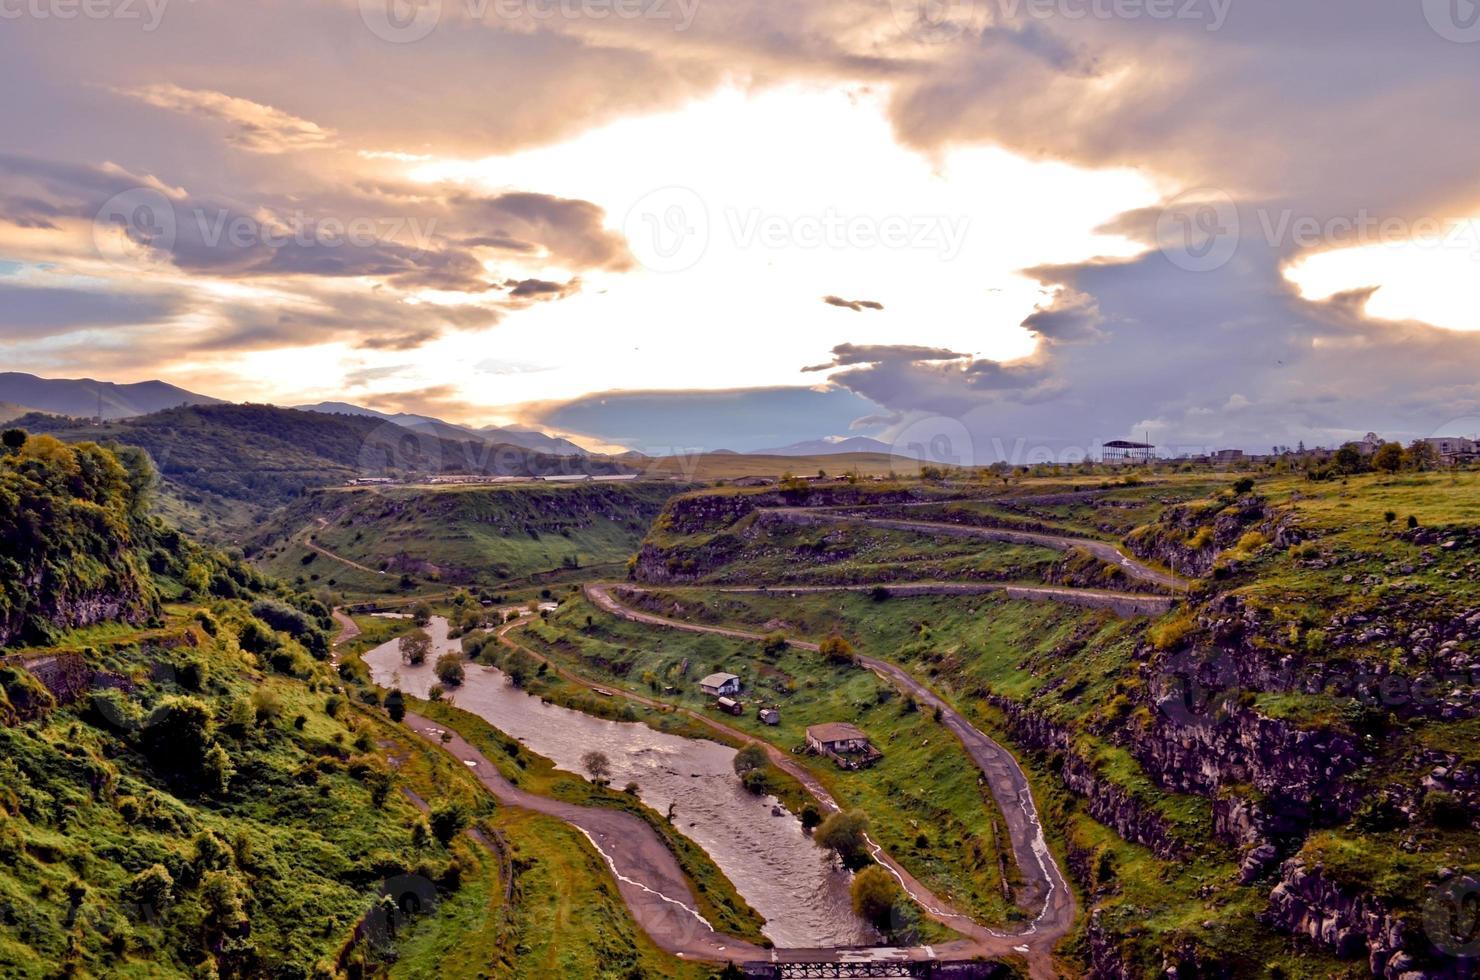 Gorges de la rivière dzoraget au coucher du soleil photo